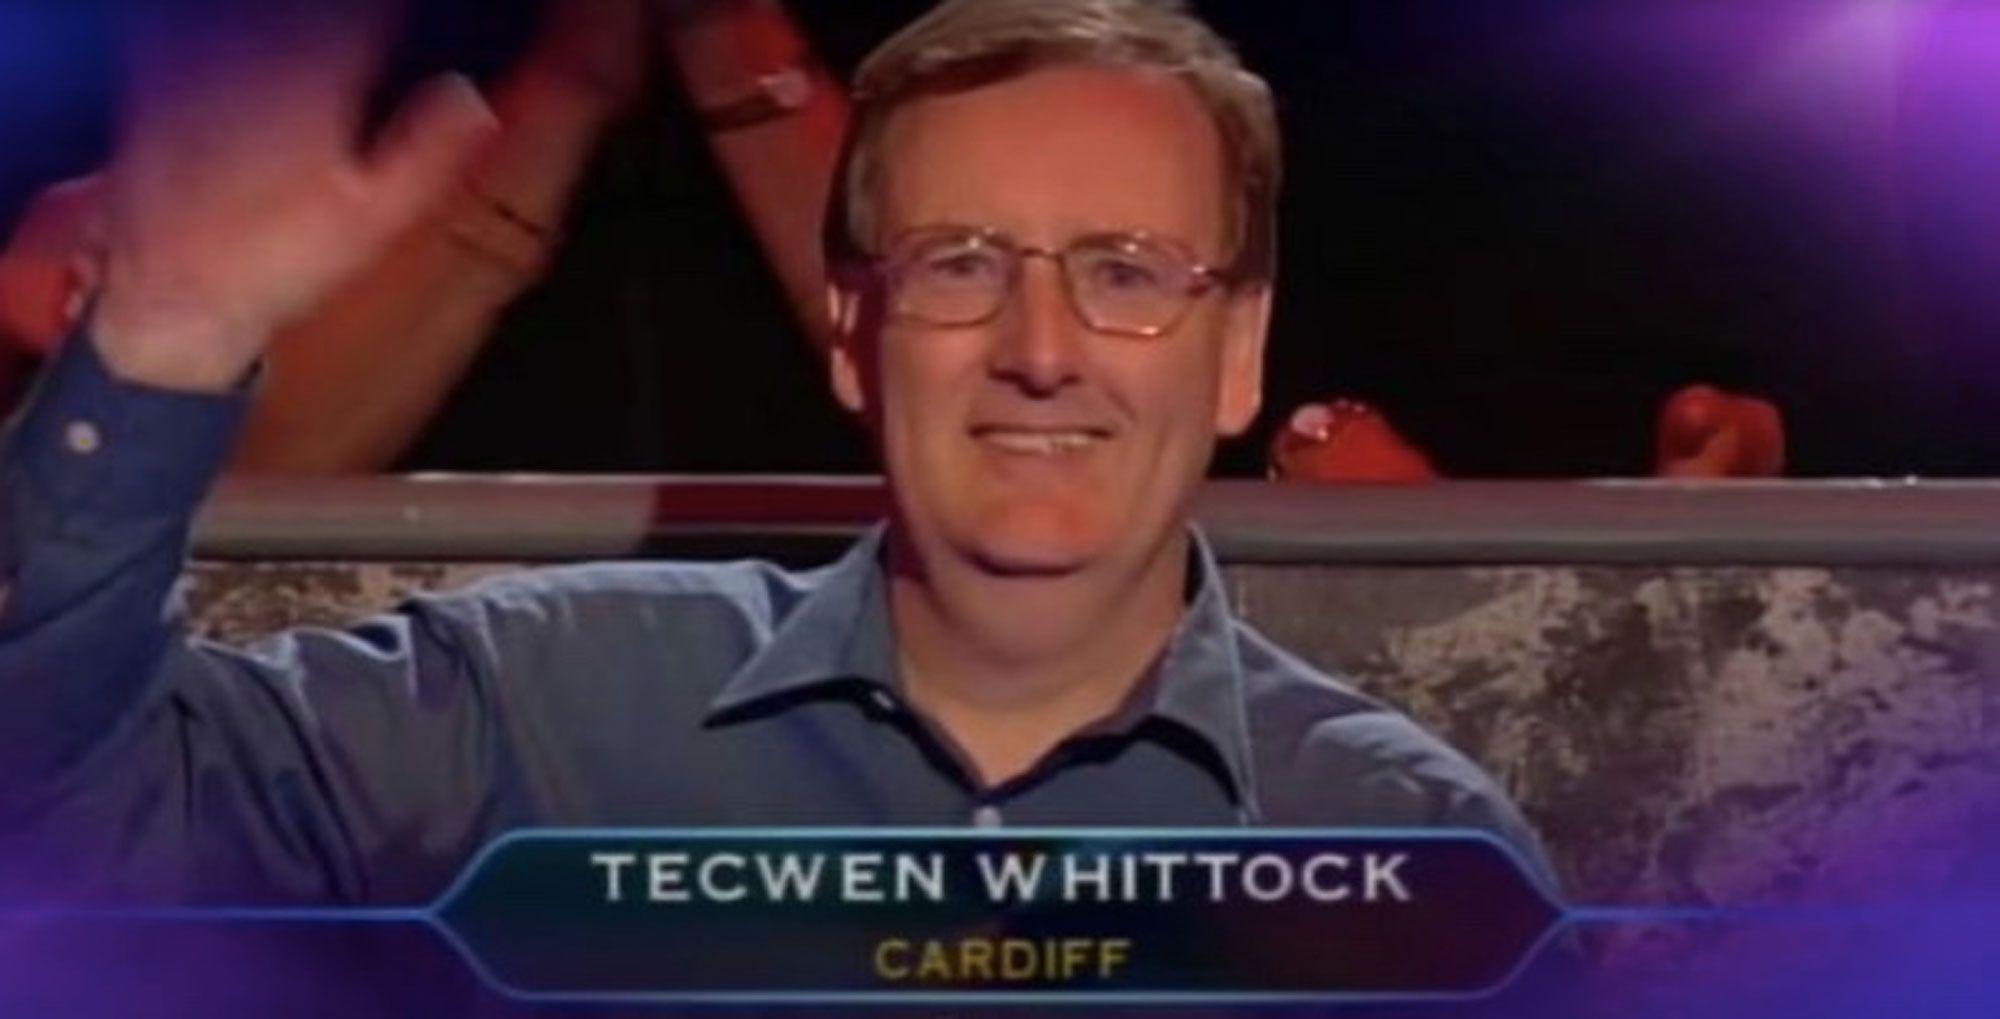 tecwen-whittock